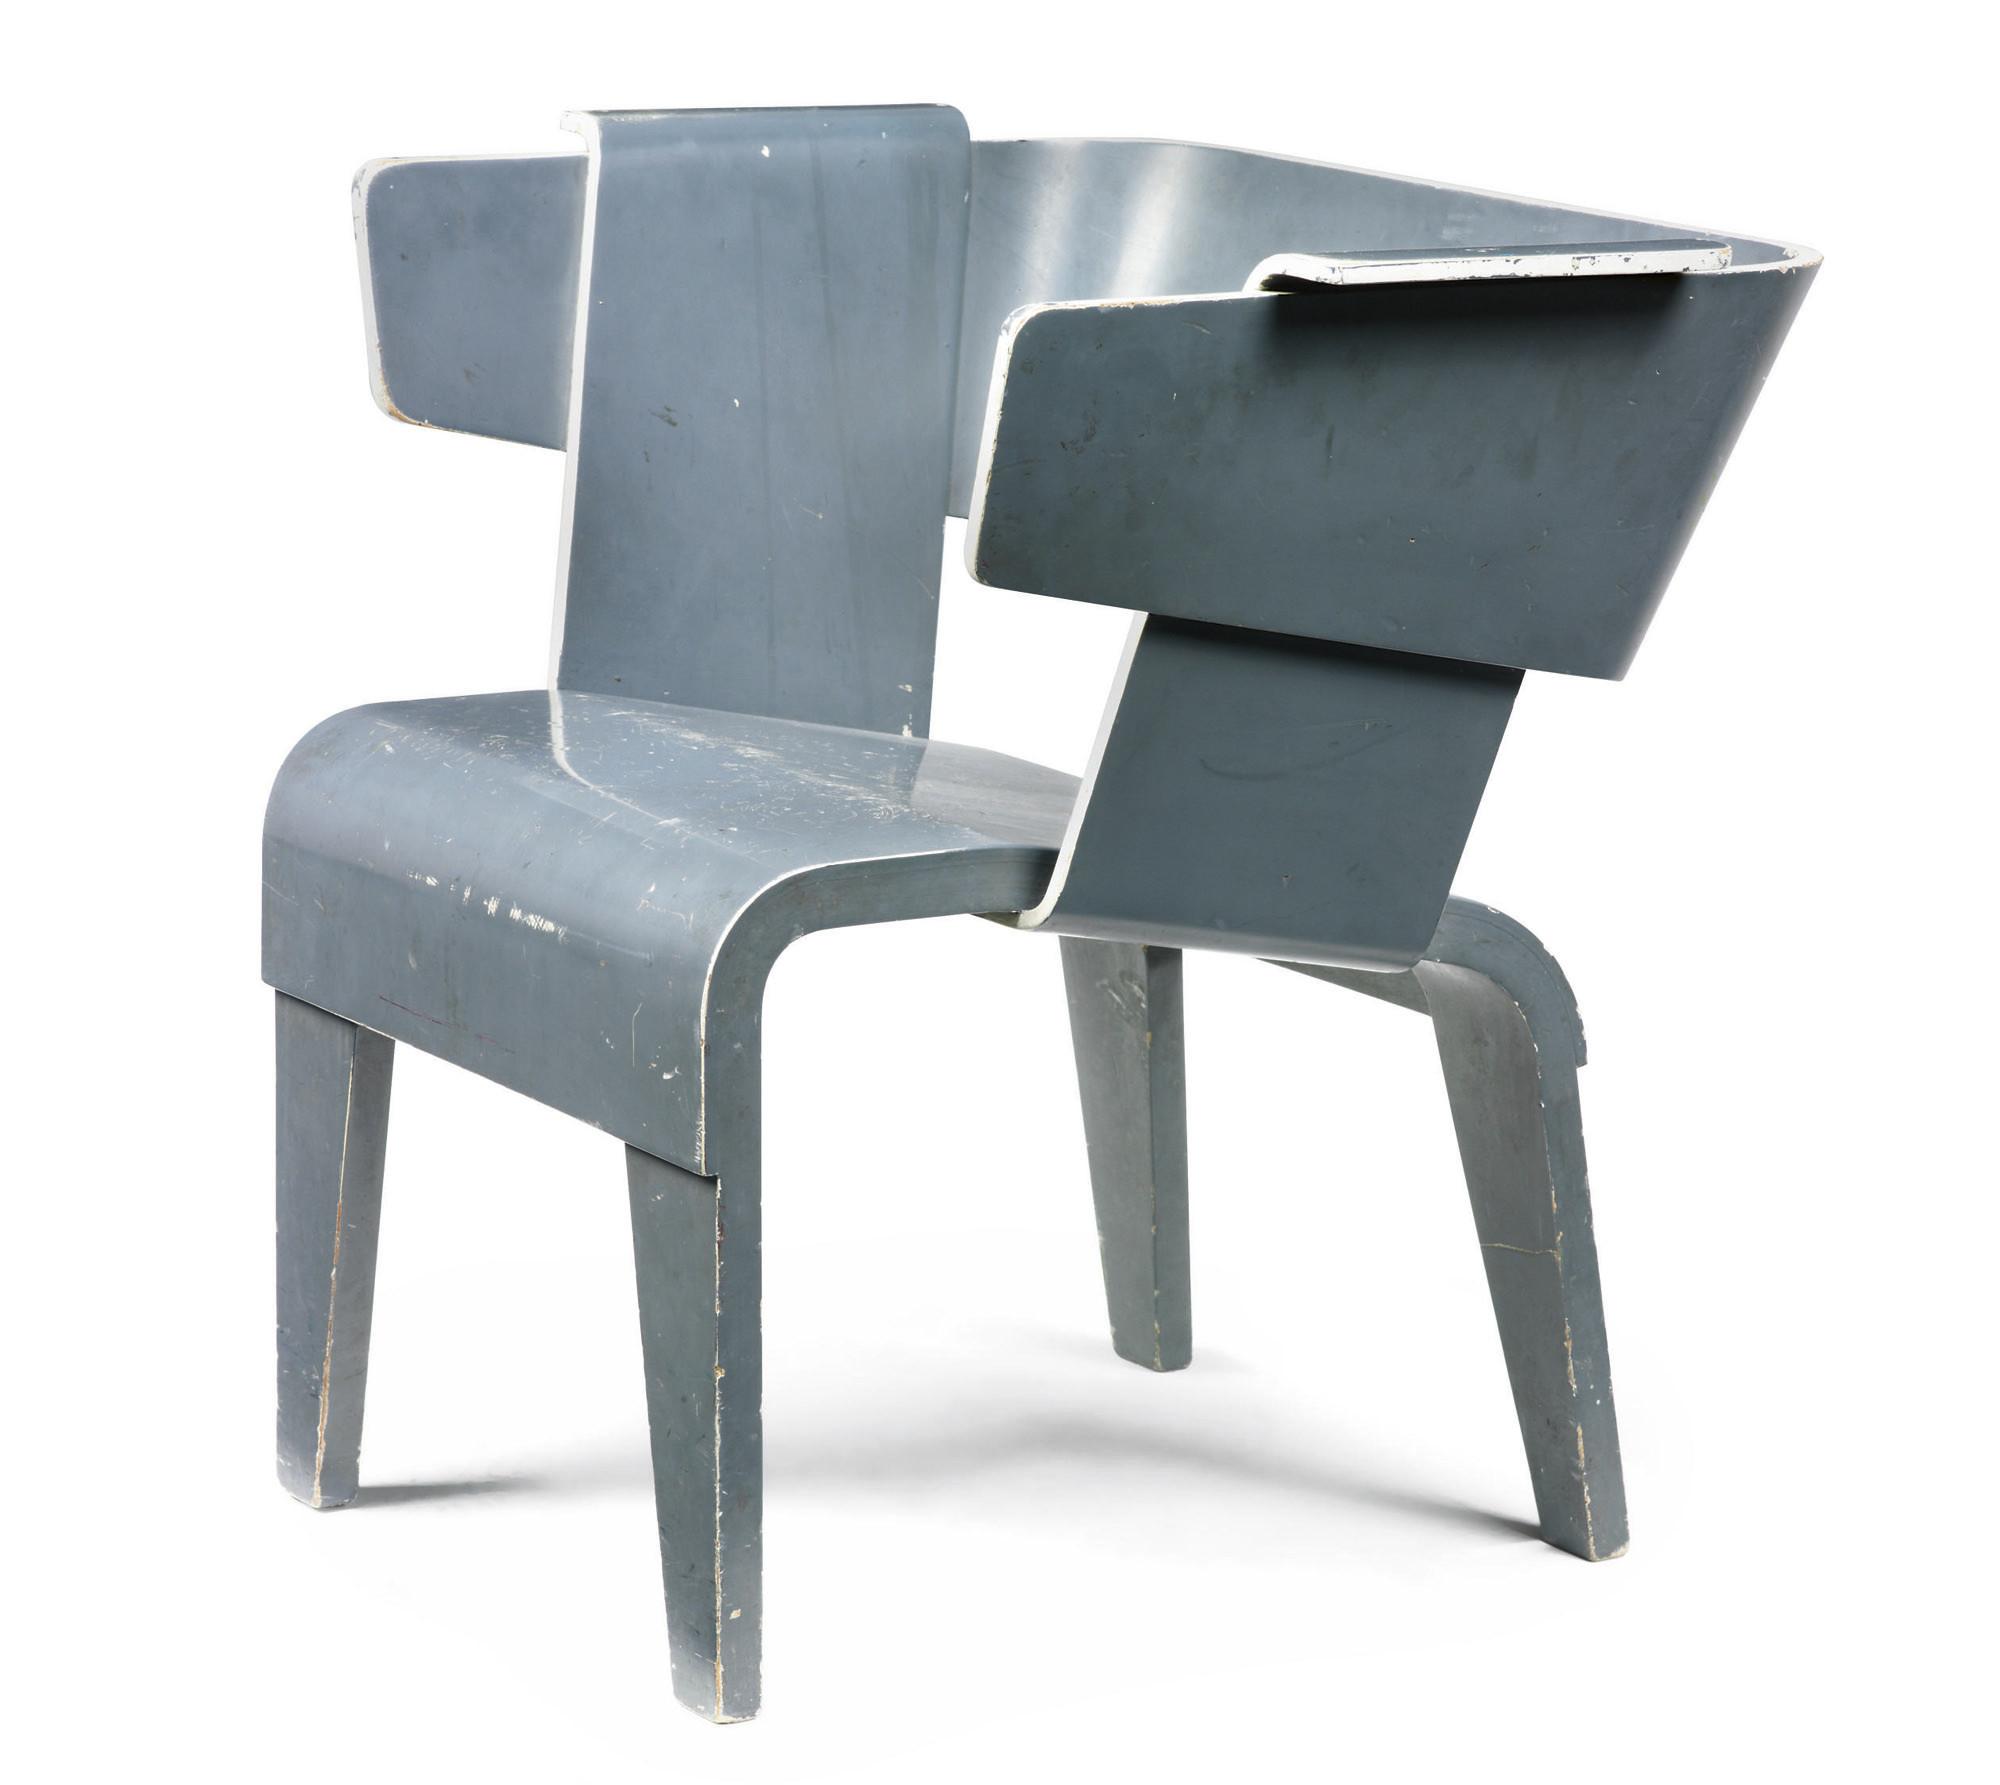 gerrit thomas rietveld chair front door 1888 1964 danish 1946 50